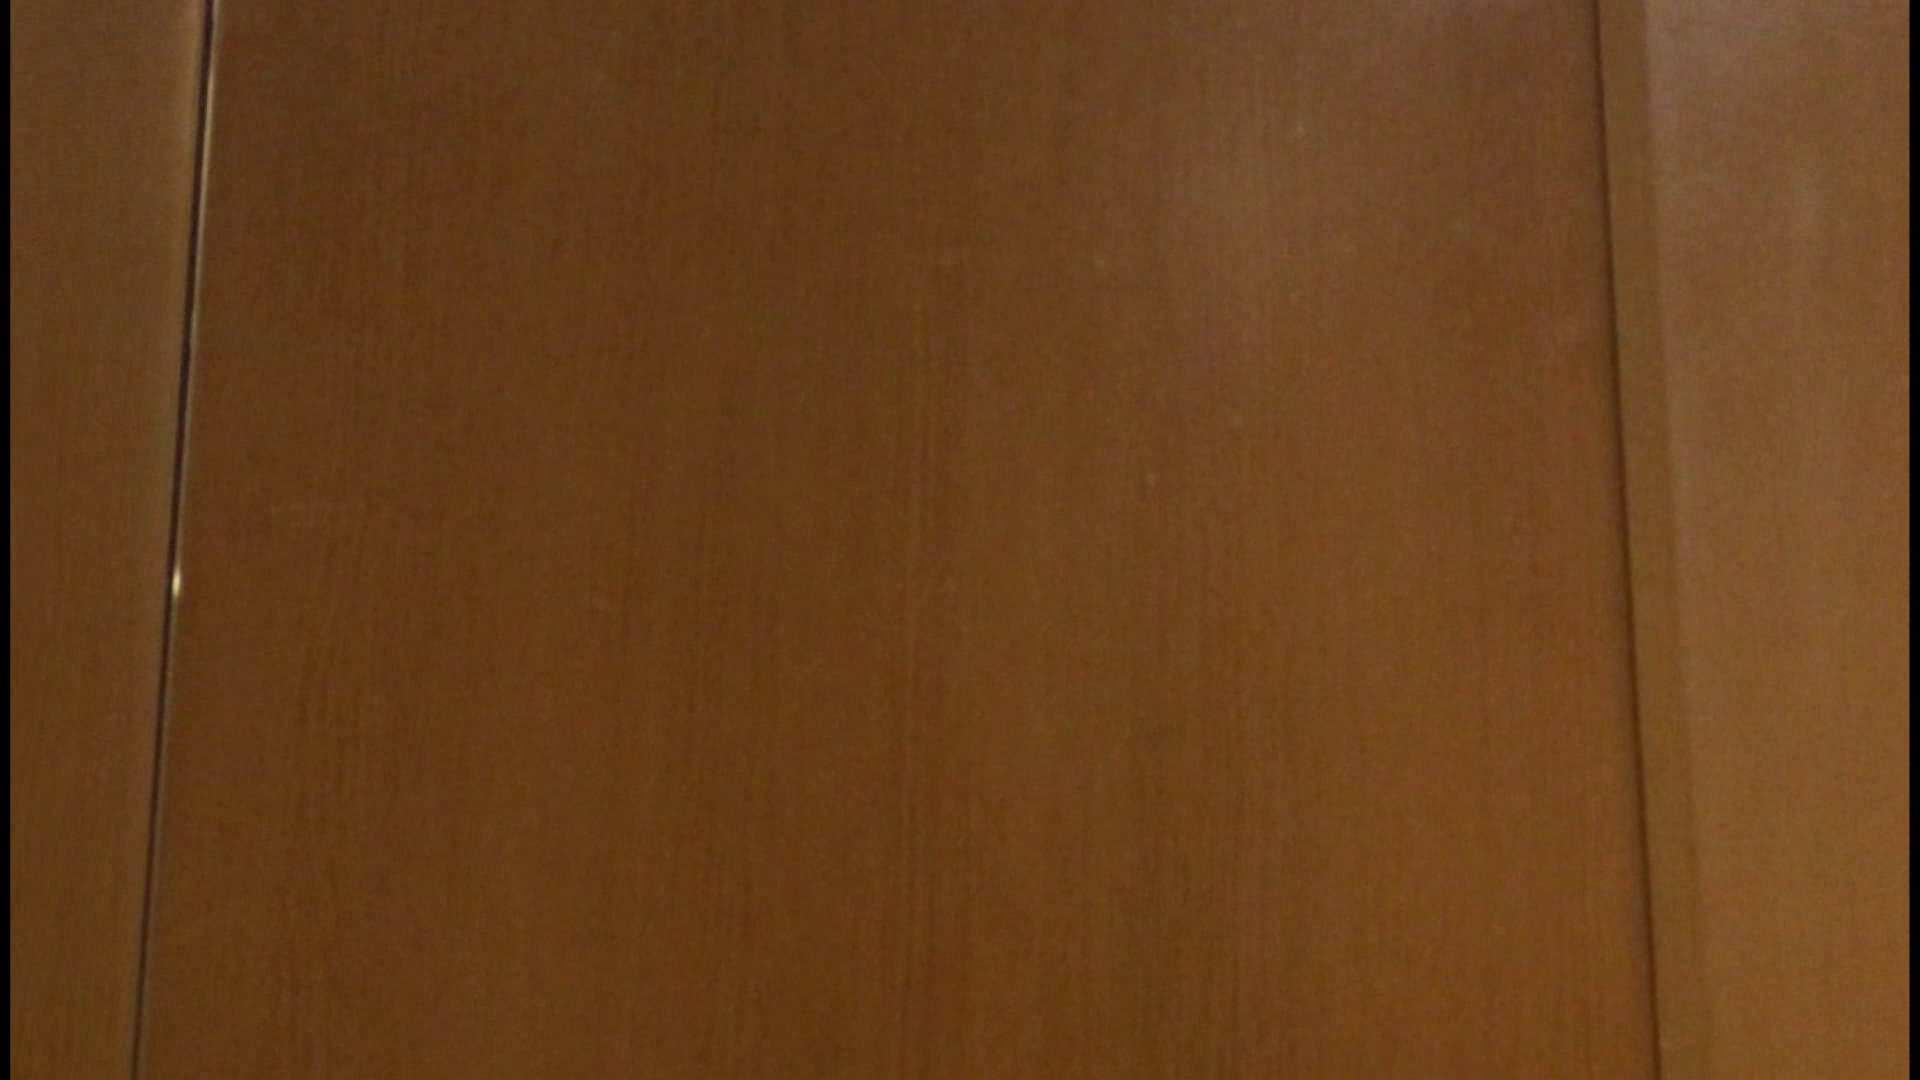 「噂」の国の厠観察日記2 Vol.08 いやらしいOL すけべAV動画紹介 80連発 17